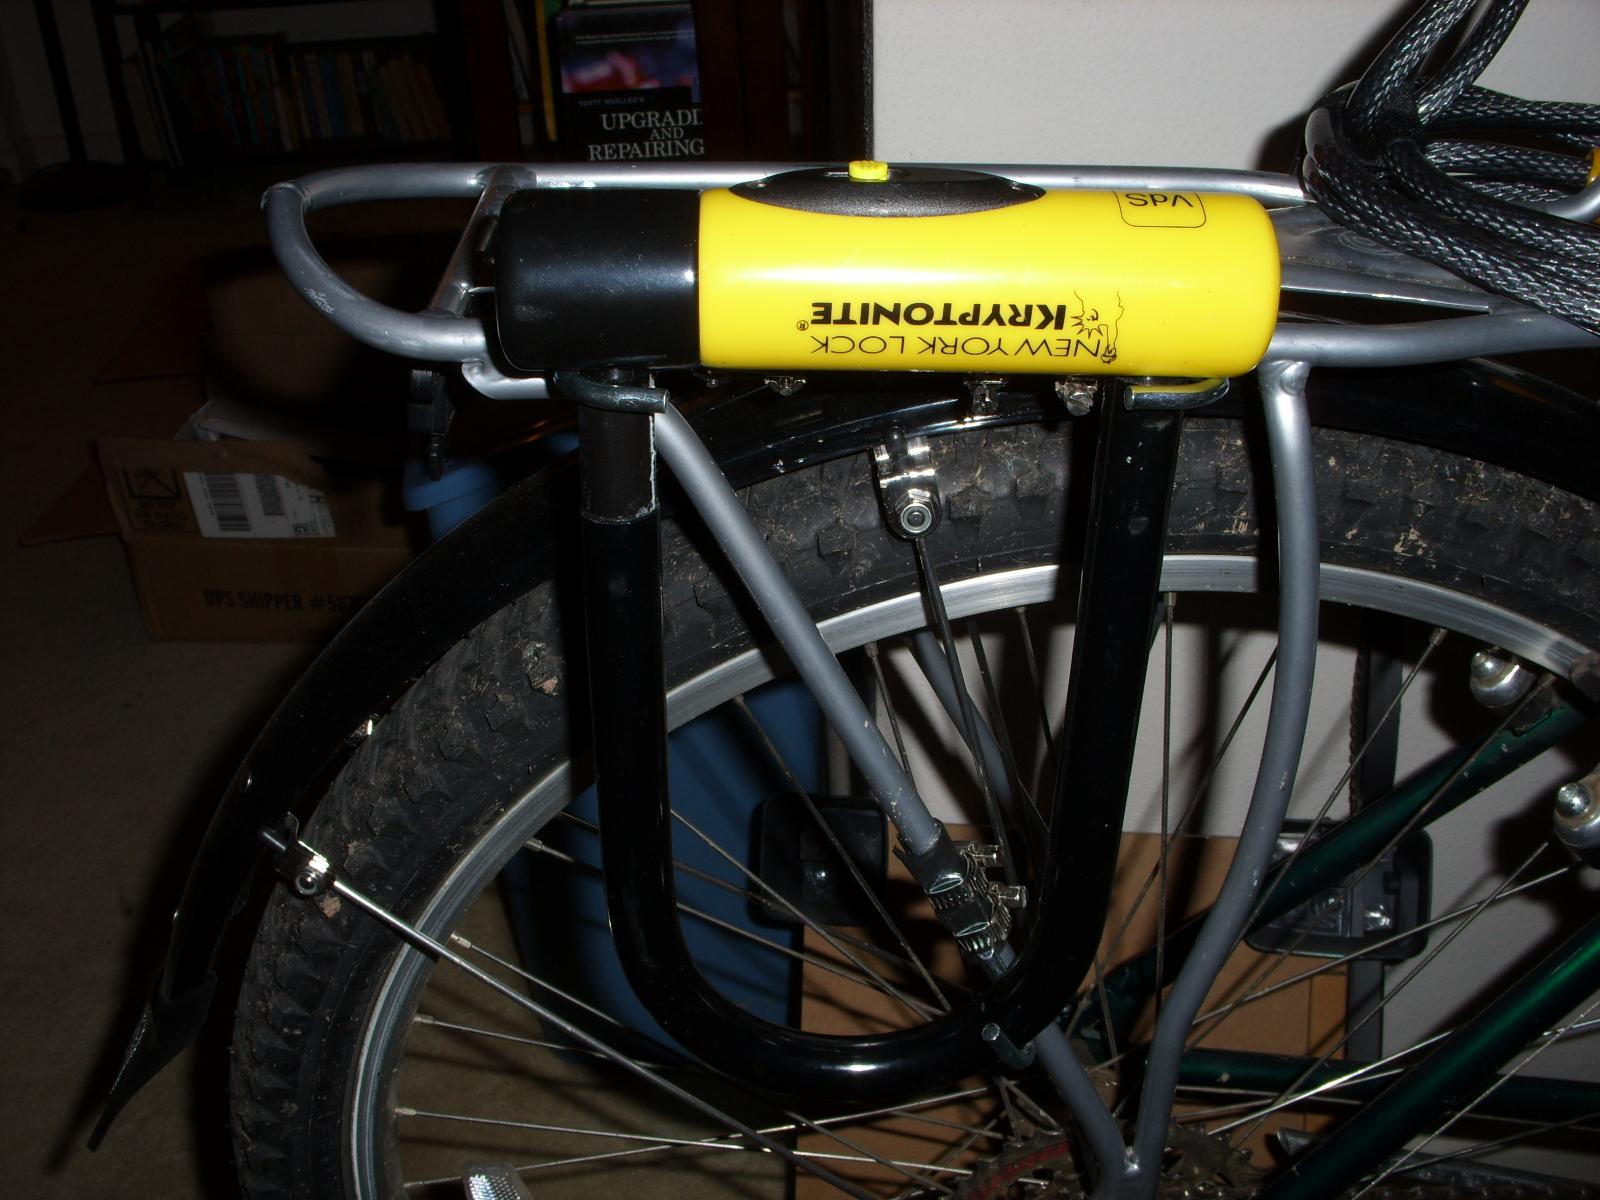 my diy bicycle frame or rear rack mounted u lock holder. Black Bedroom Furniture Sets. Home Design Ideas